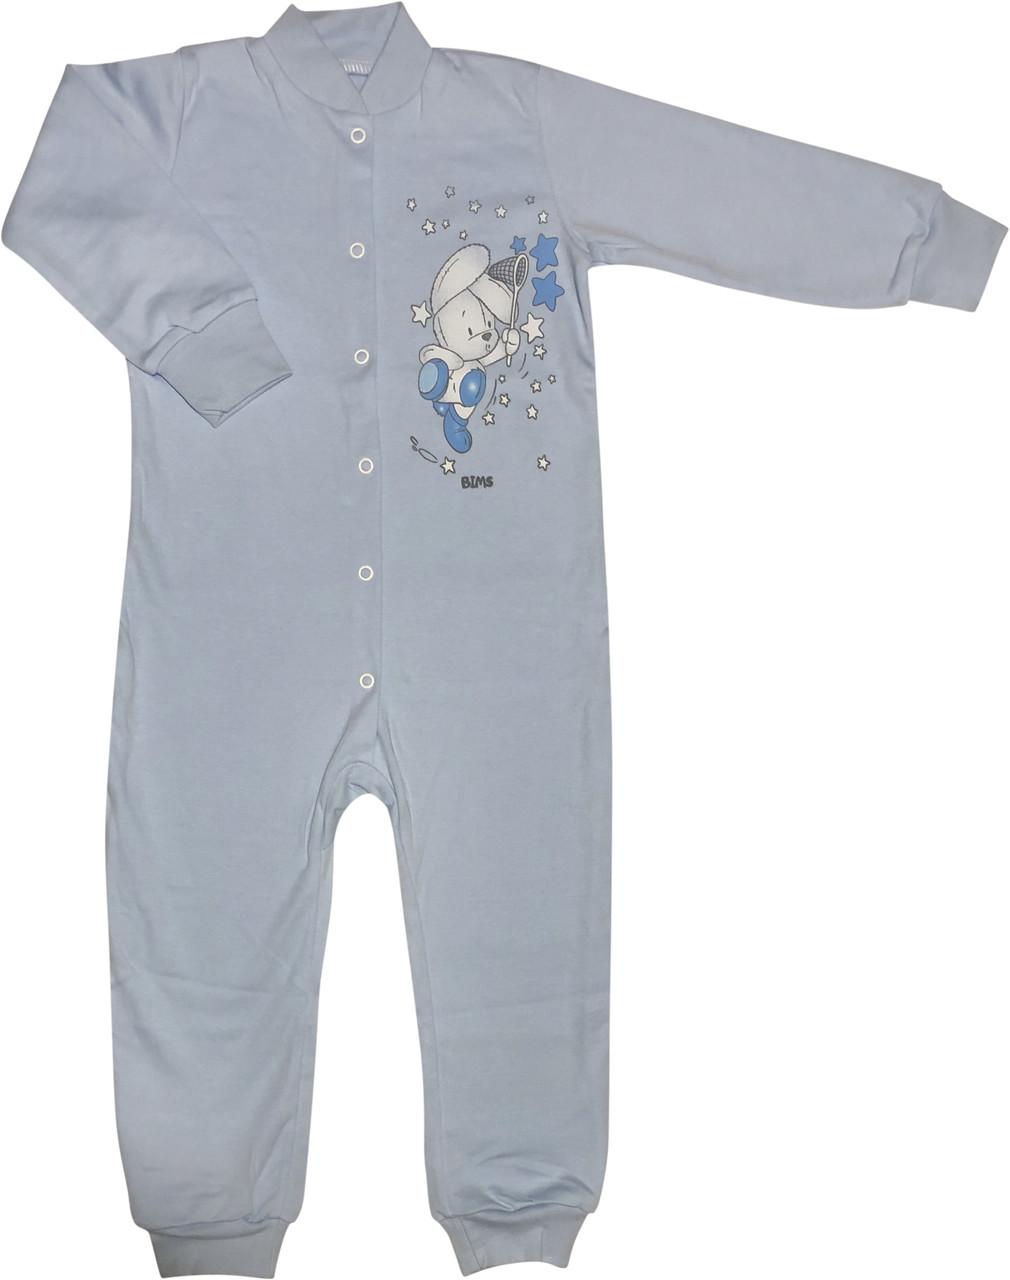 Чоловічок на хлопчика ріст 92 1,5-2 роки для малюків сліп з відритими ніжками трикотажний інтерлок блакитний